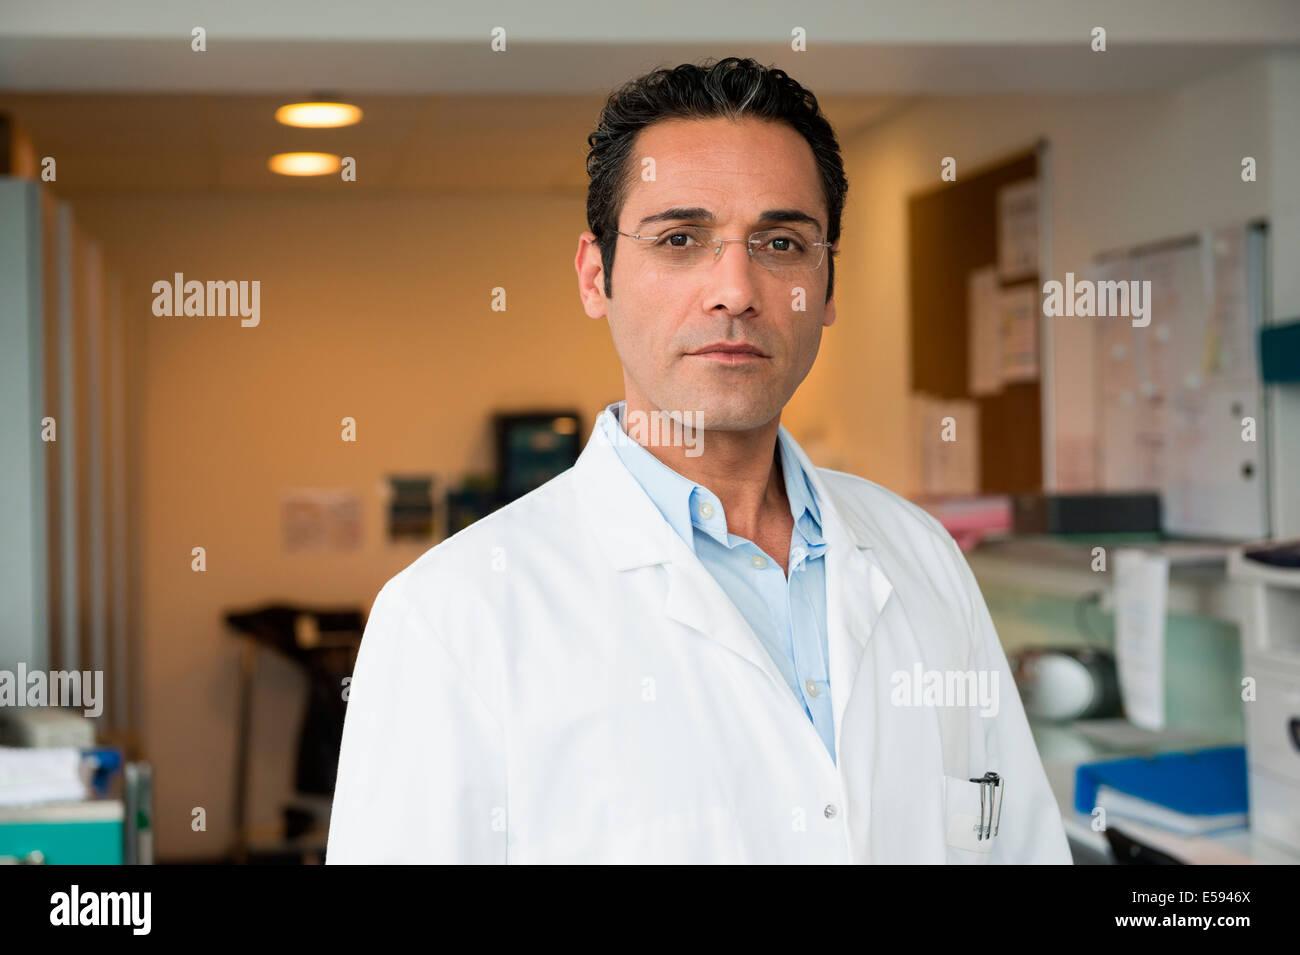 Retrato de un médico varón en el hospital Imagen De Stock